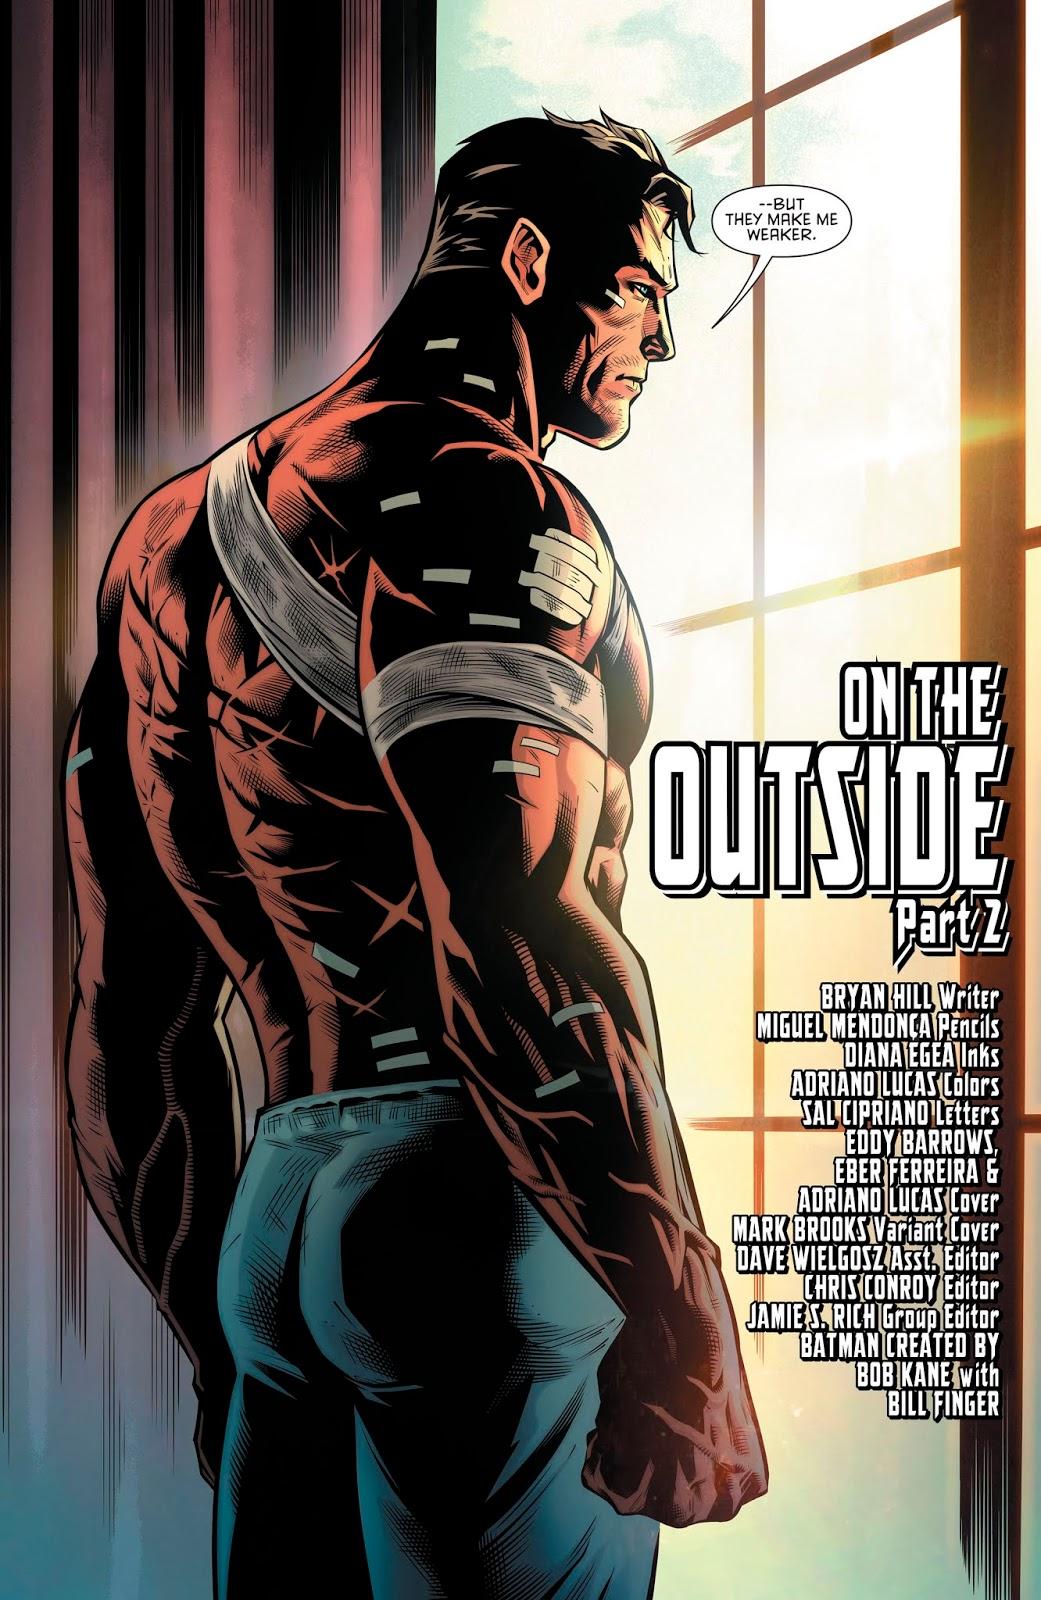 Bruce Wayne (Detective Comics Vol. 1 #984)